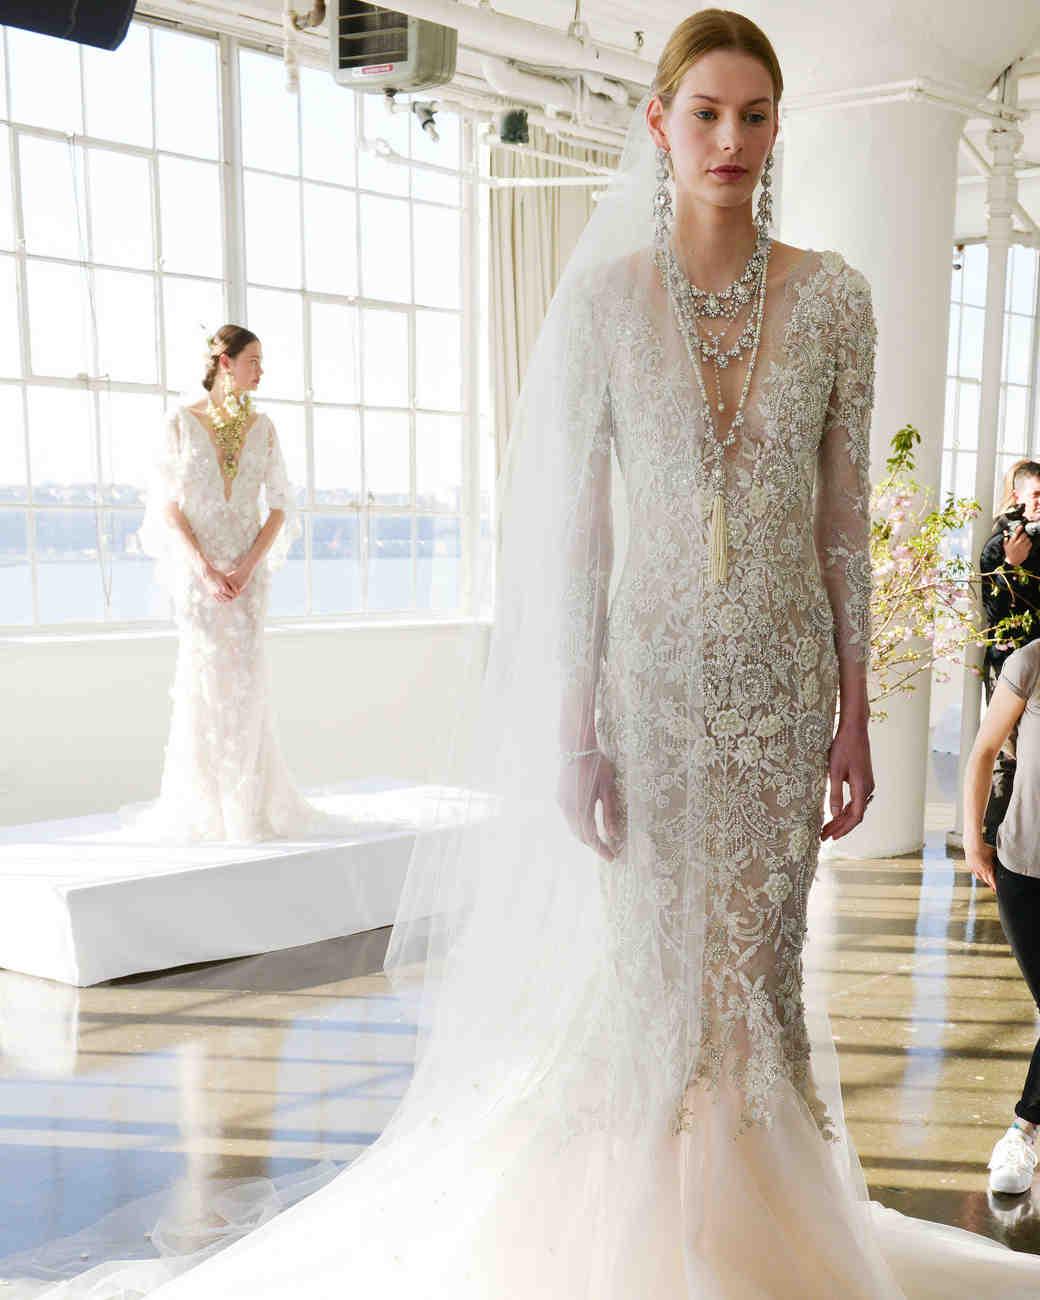 marchesa wedding dresses spring marchesa wedding dress Marchesa Spring Wedding Dress Collection Martha Stewart Weddings